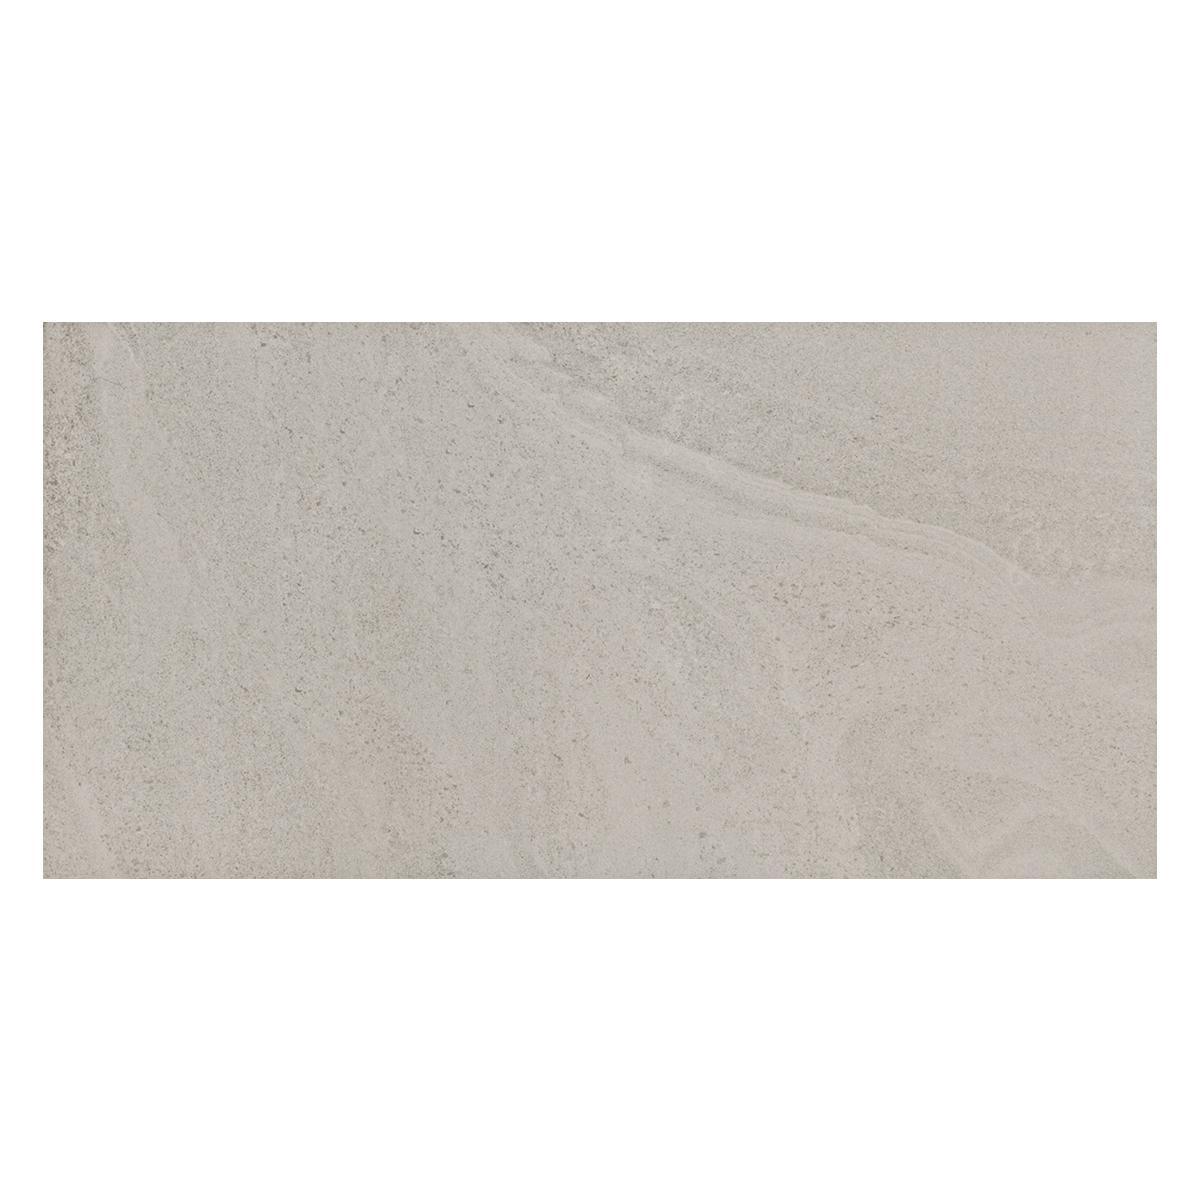 Porcelanato Luxury Gris Pulido brillante - 29.4X59 cm - 1.04 m2